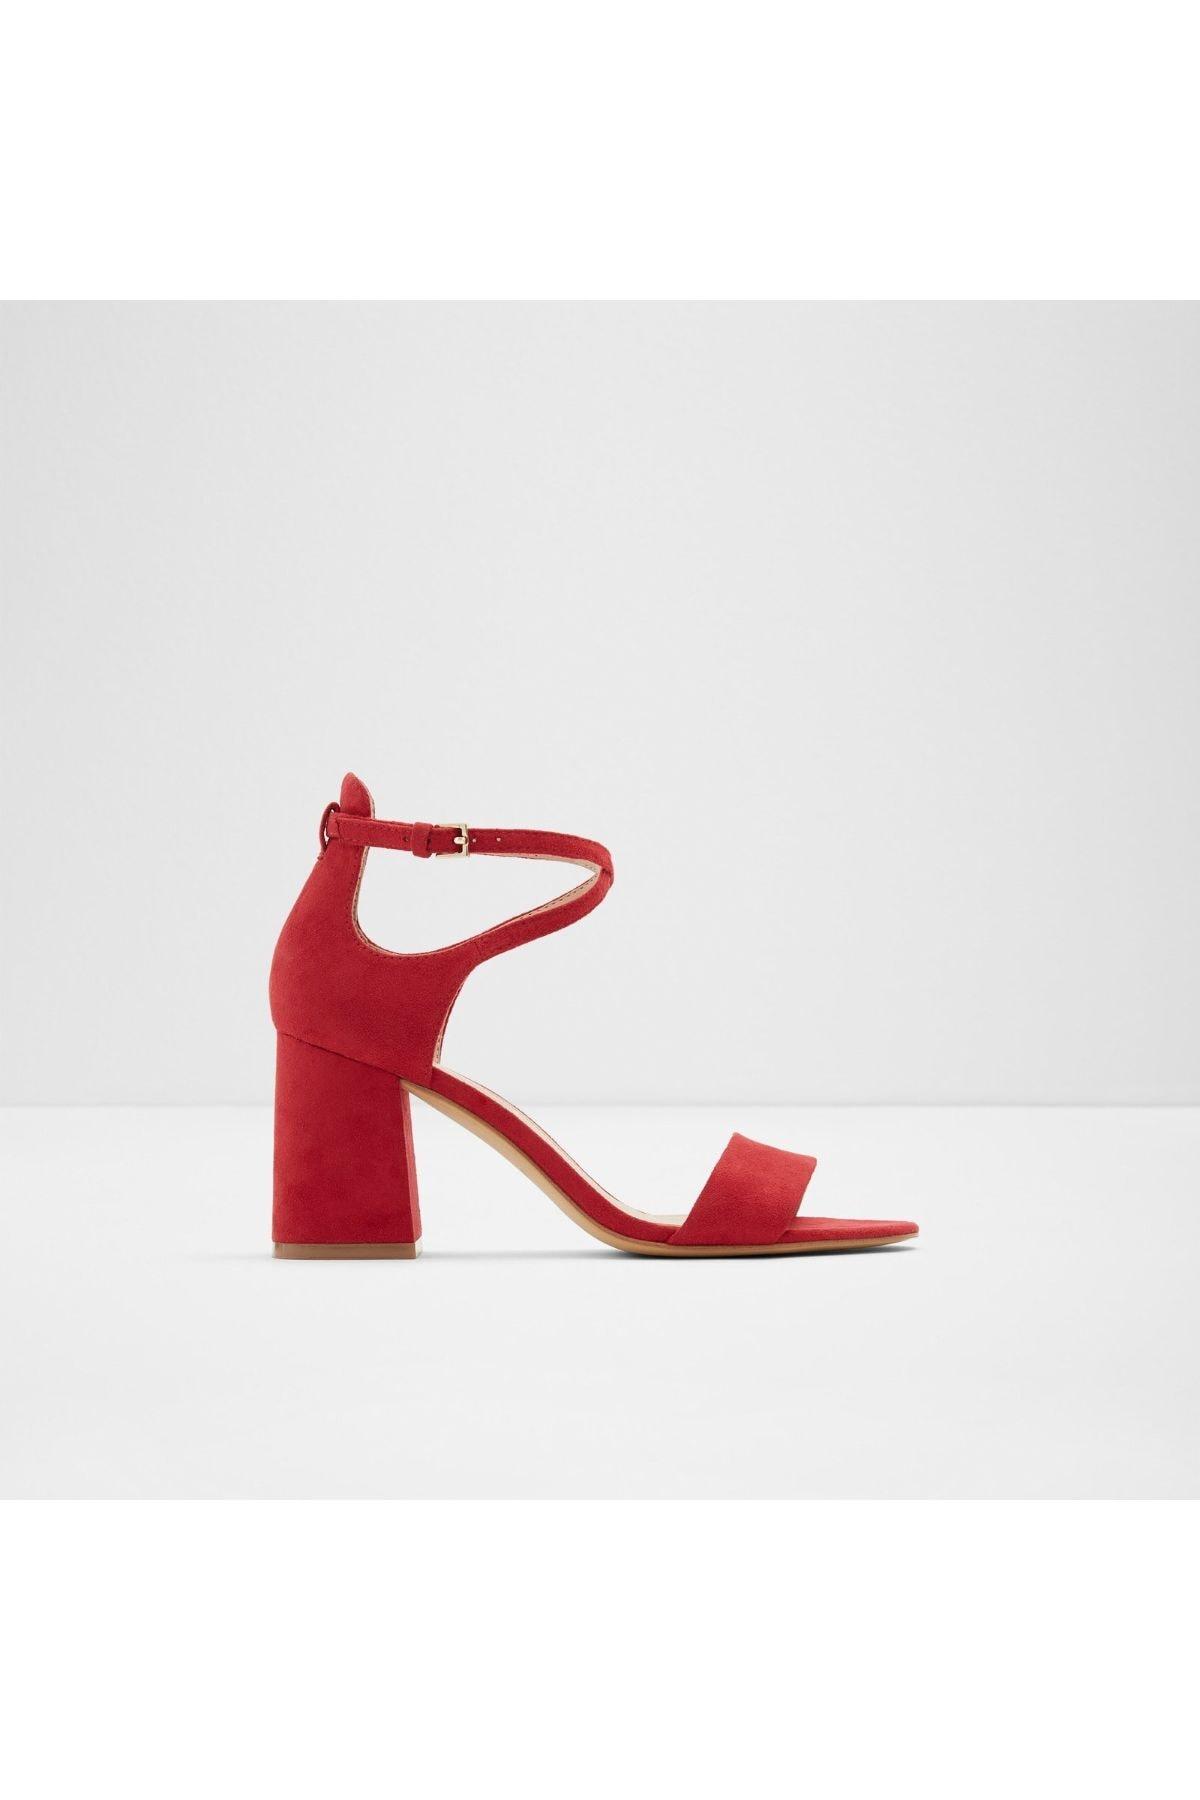 Aldo ABOEDIA - Kırmızı Kadın Topuklu Sandalet 1